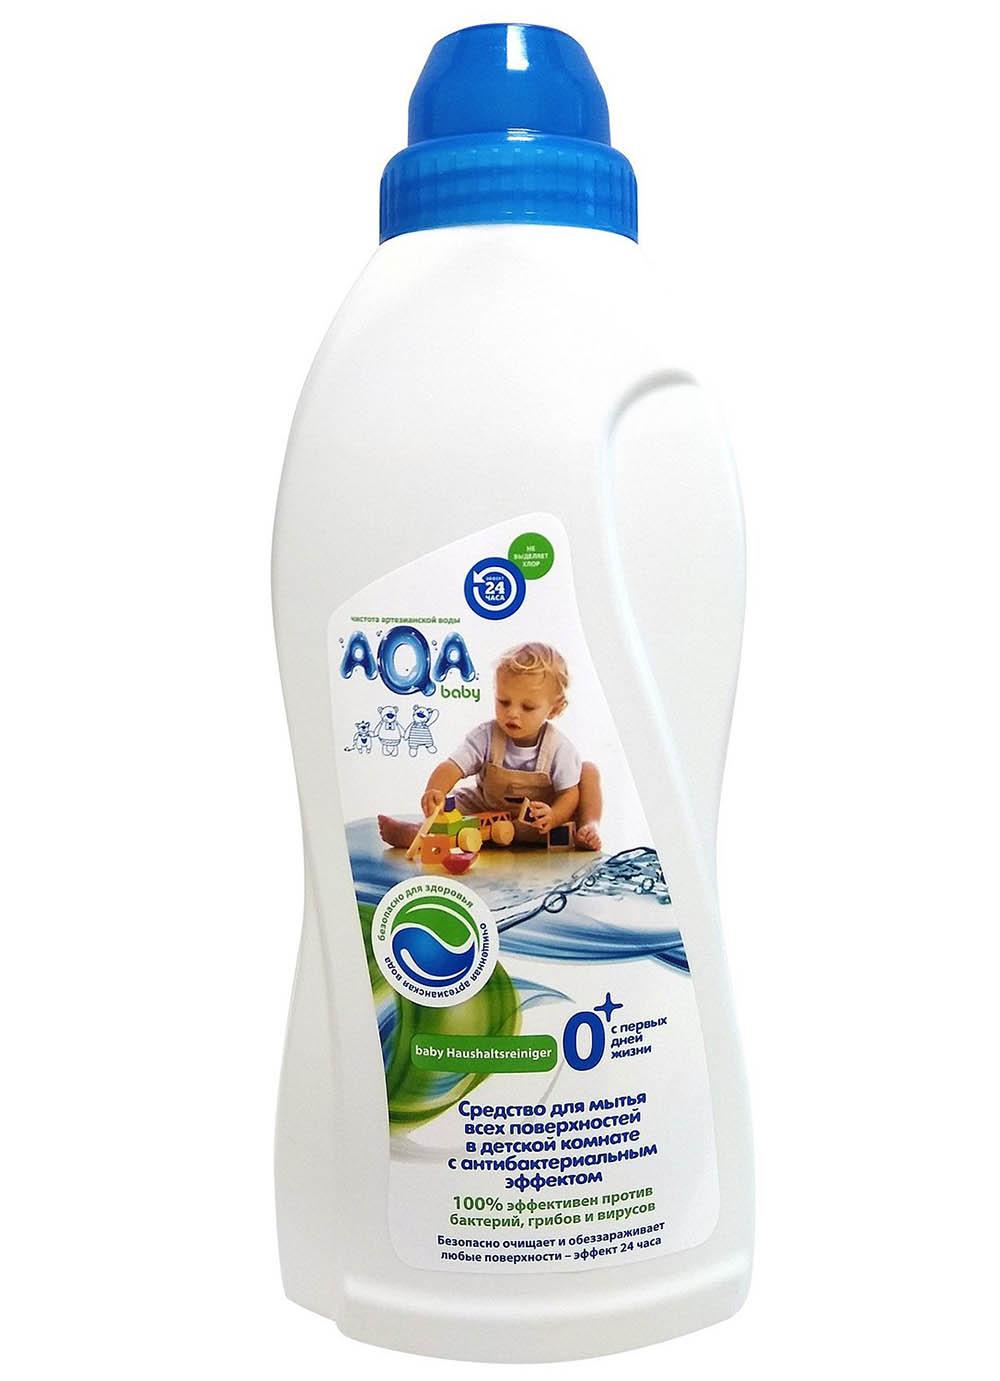 02016403 AQA baby Средство для мытья всех поверхн в детской комнате с антибактер эффект.